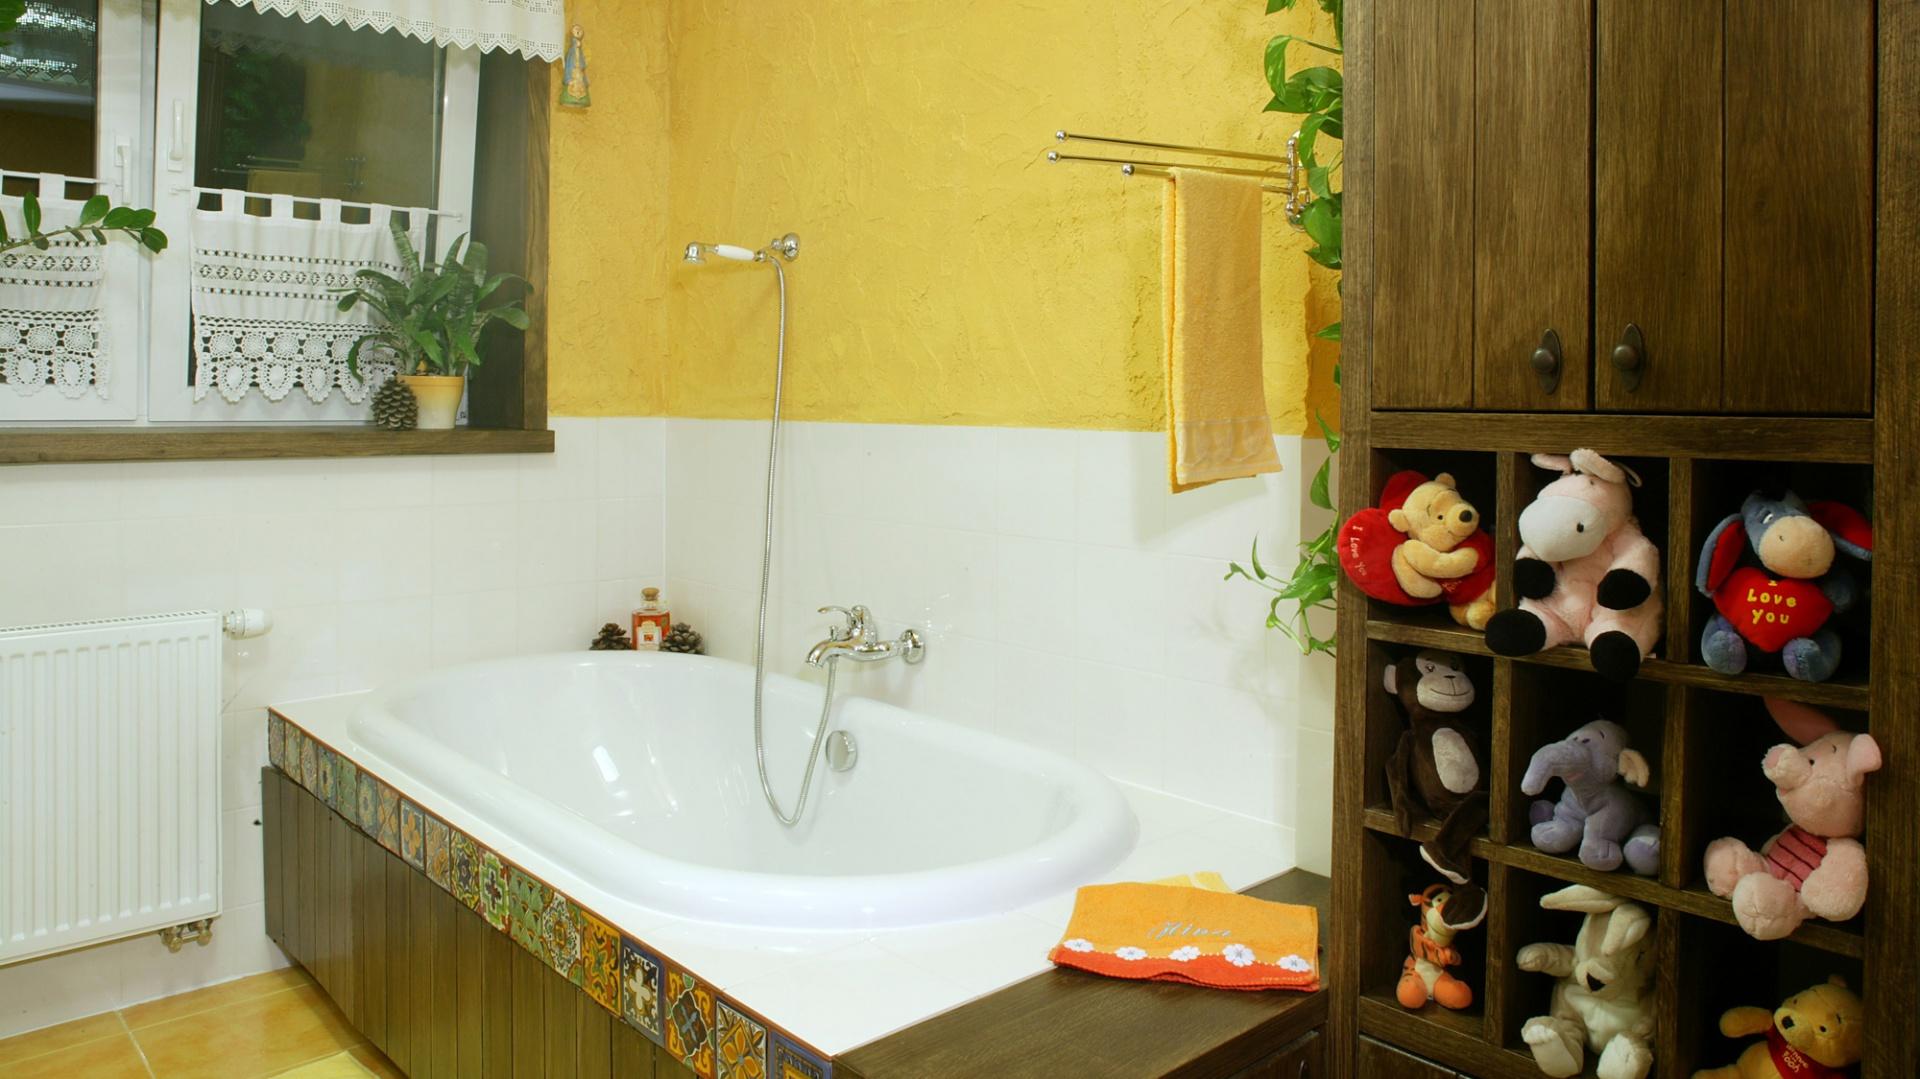 W drewnianej obudowie wanny, oprócz meksykańskich dekorów, znajduje się dyskretna szafka. Duży kredens obok może pomieścić nie tylko maskotki. Fot. Monika Filipiuk.